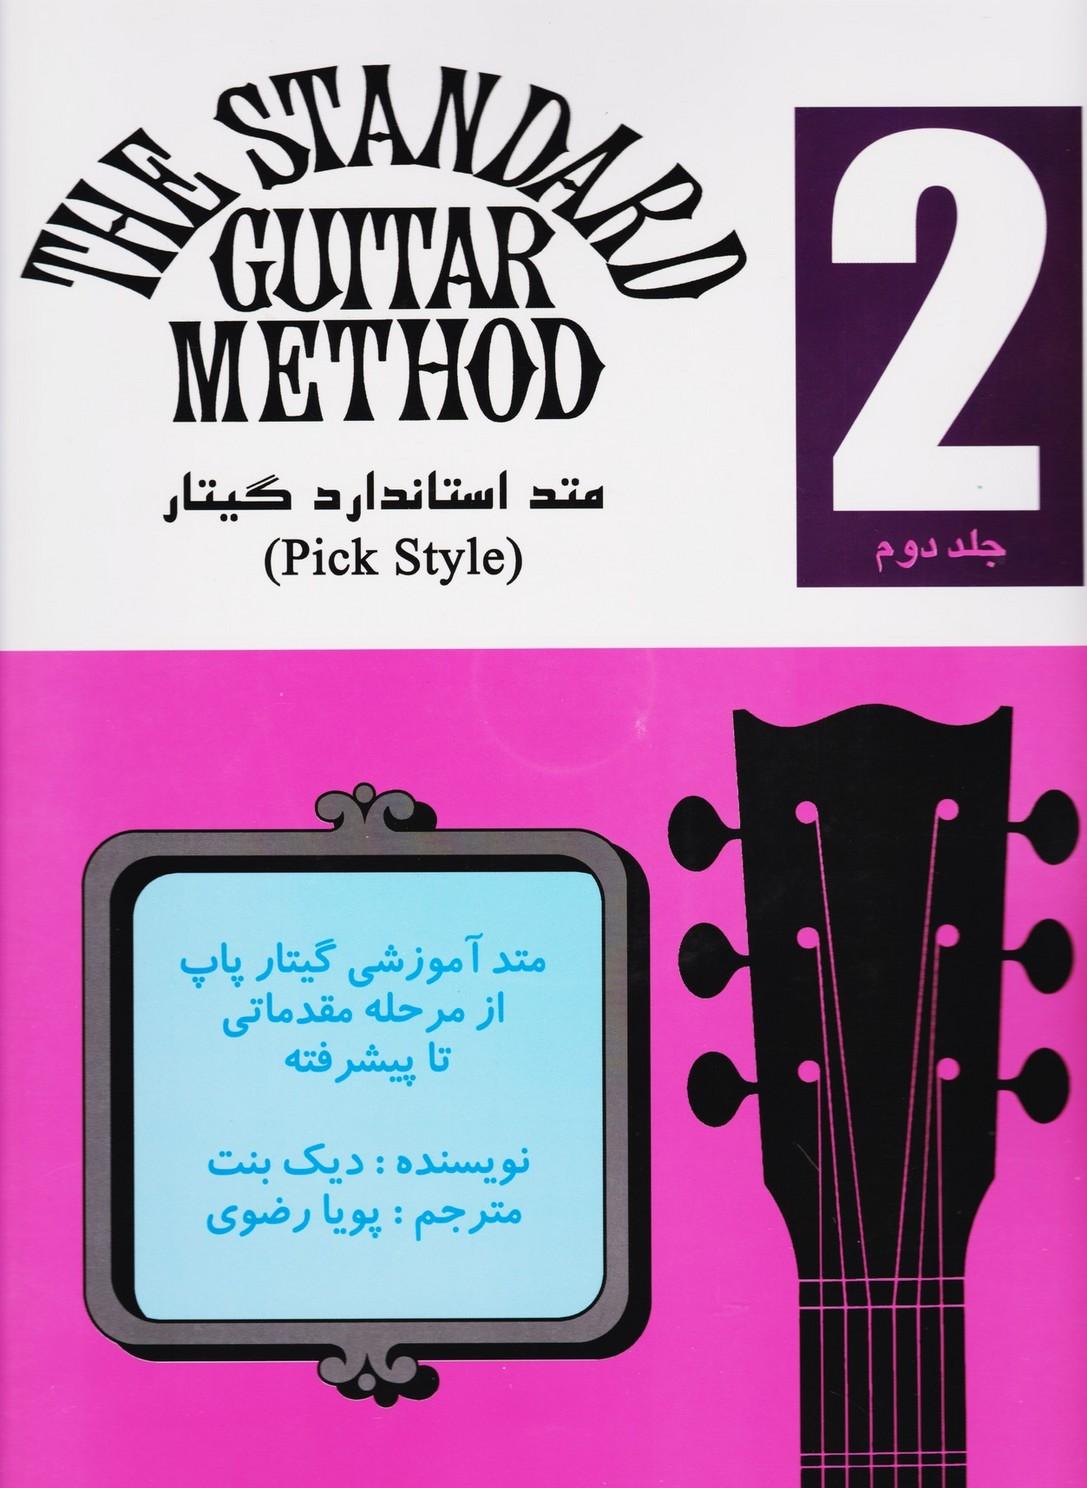 متد استاندارد گیتار/ جلد دوم (نکیسا)